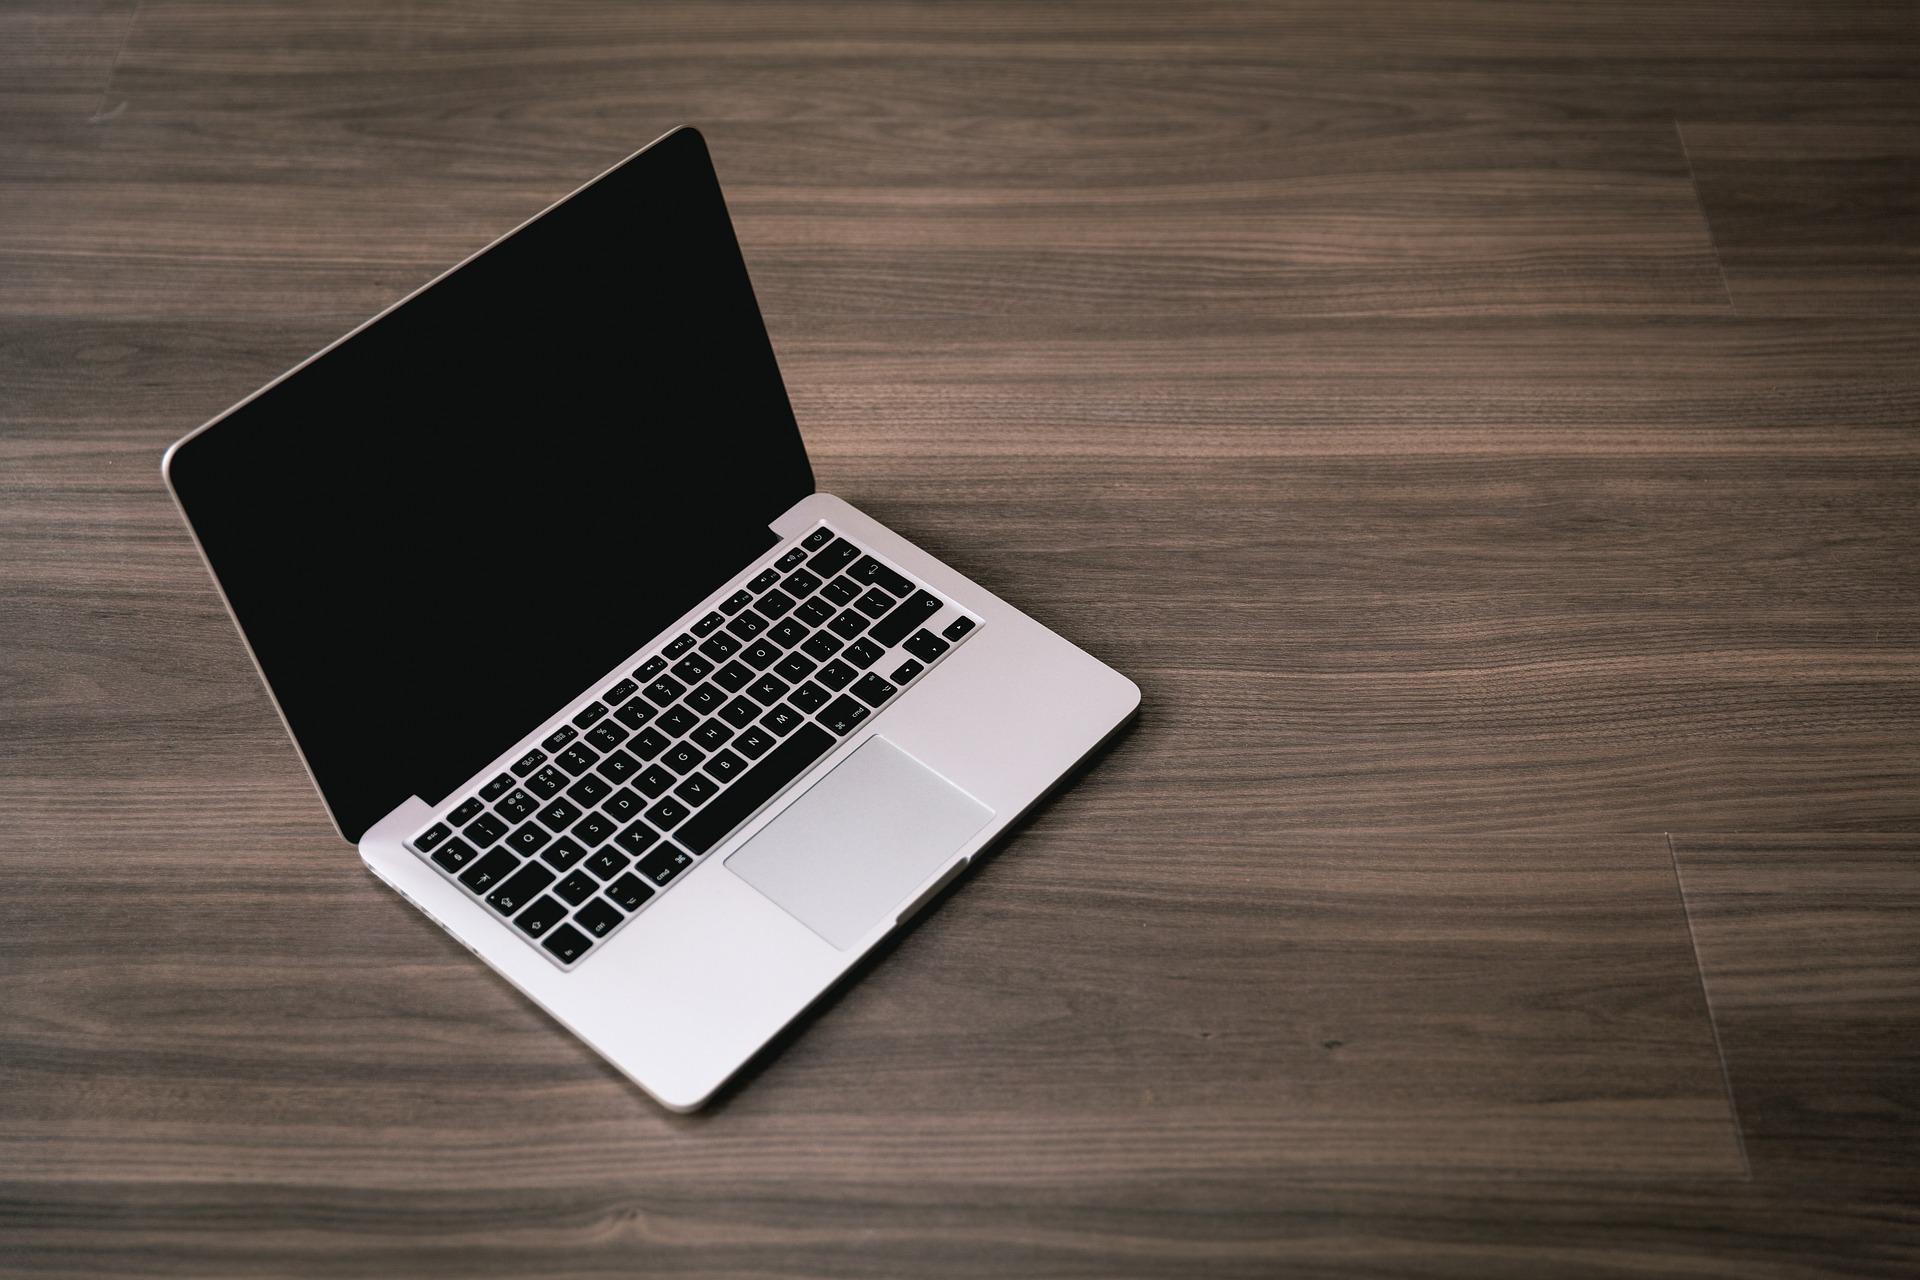 MacBook не реагирует на кабель питания и нажатие кнопки включения, как с этим бороться - фото 1 | Сервисный центр Total Apple